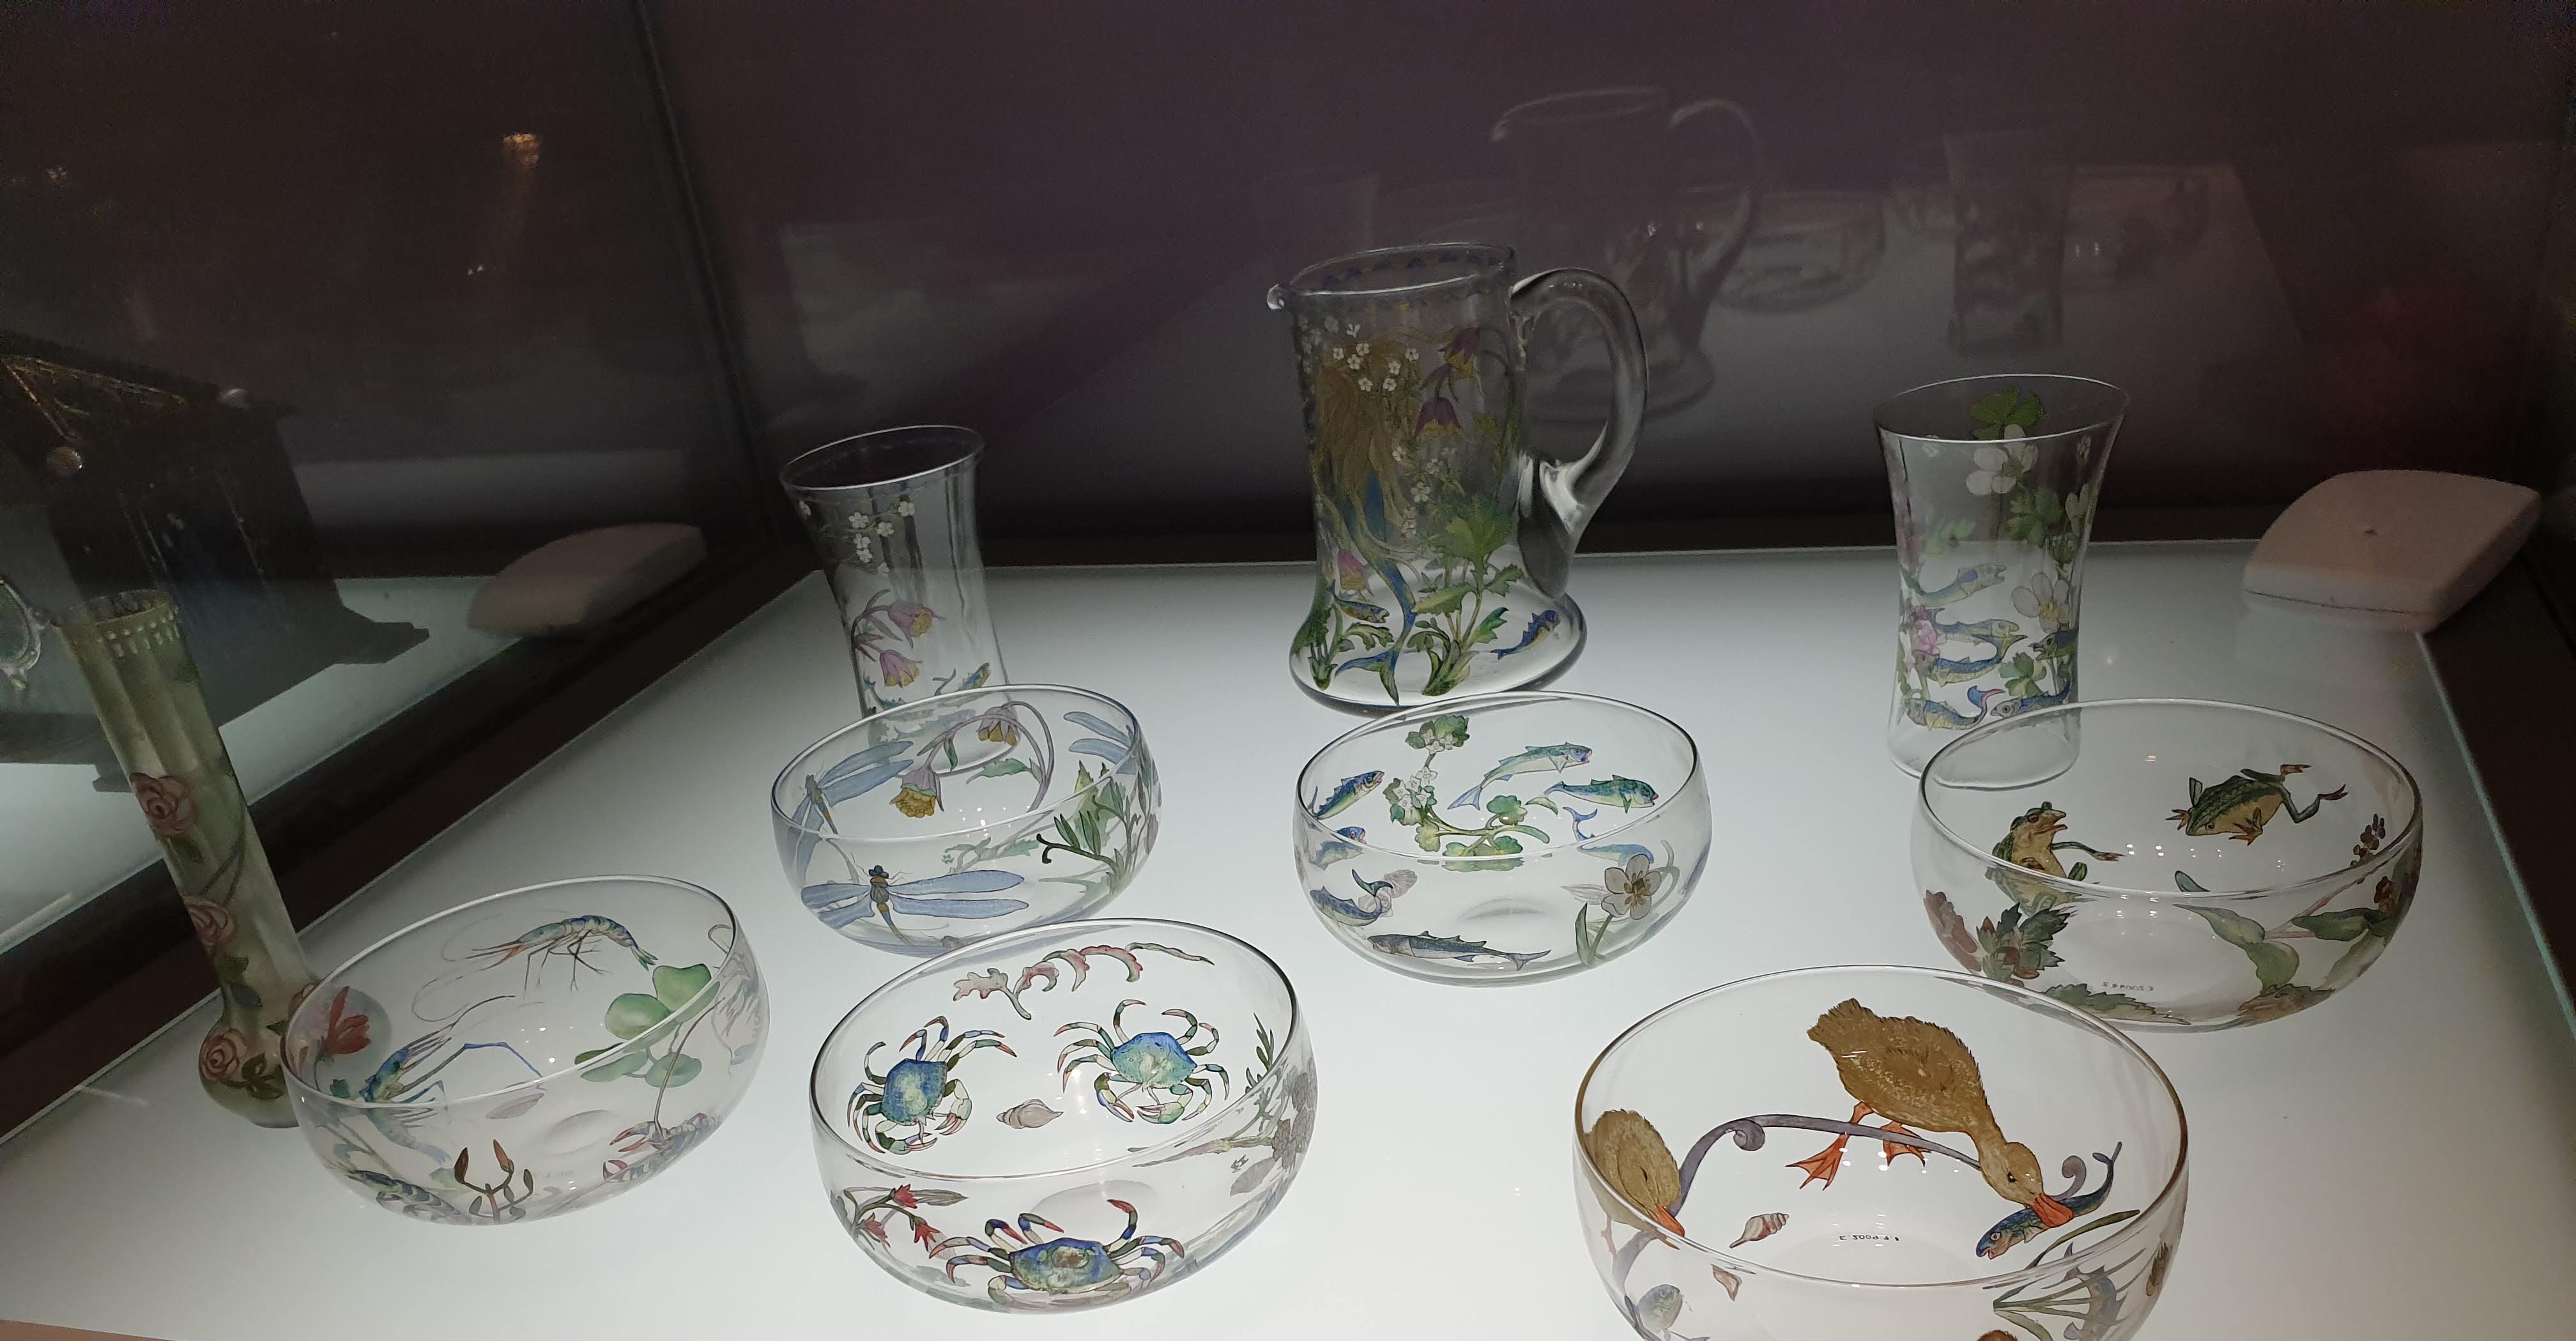 20190518 Glasgow glass _142850